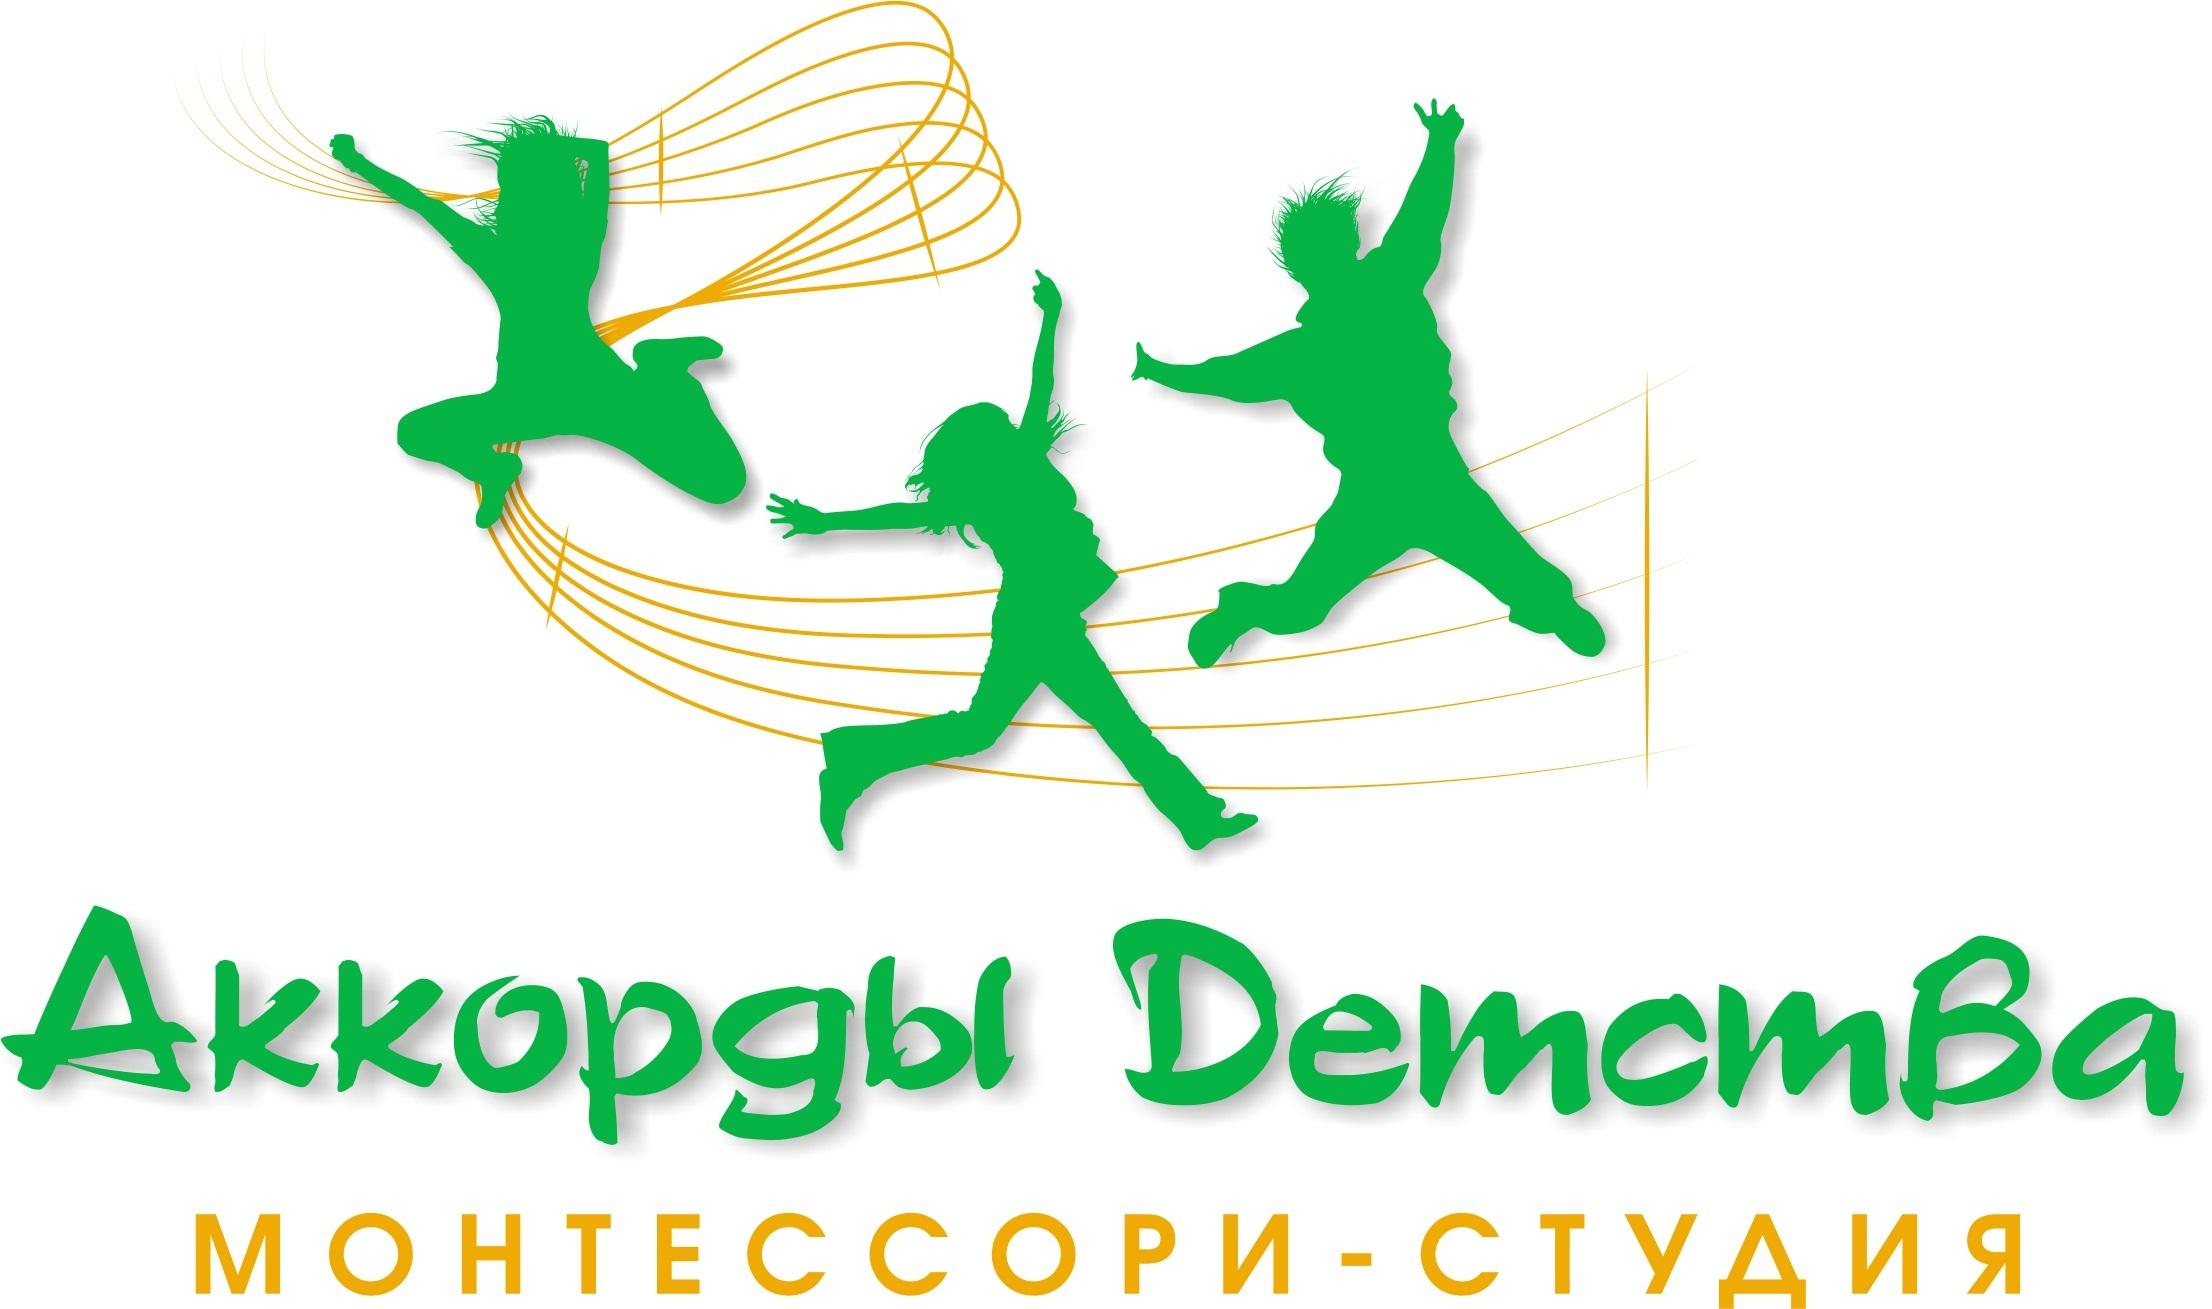 Москва.работа в мичуринском районе без опыта